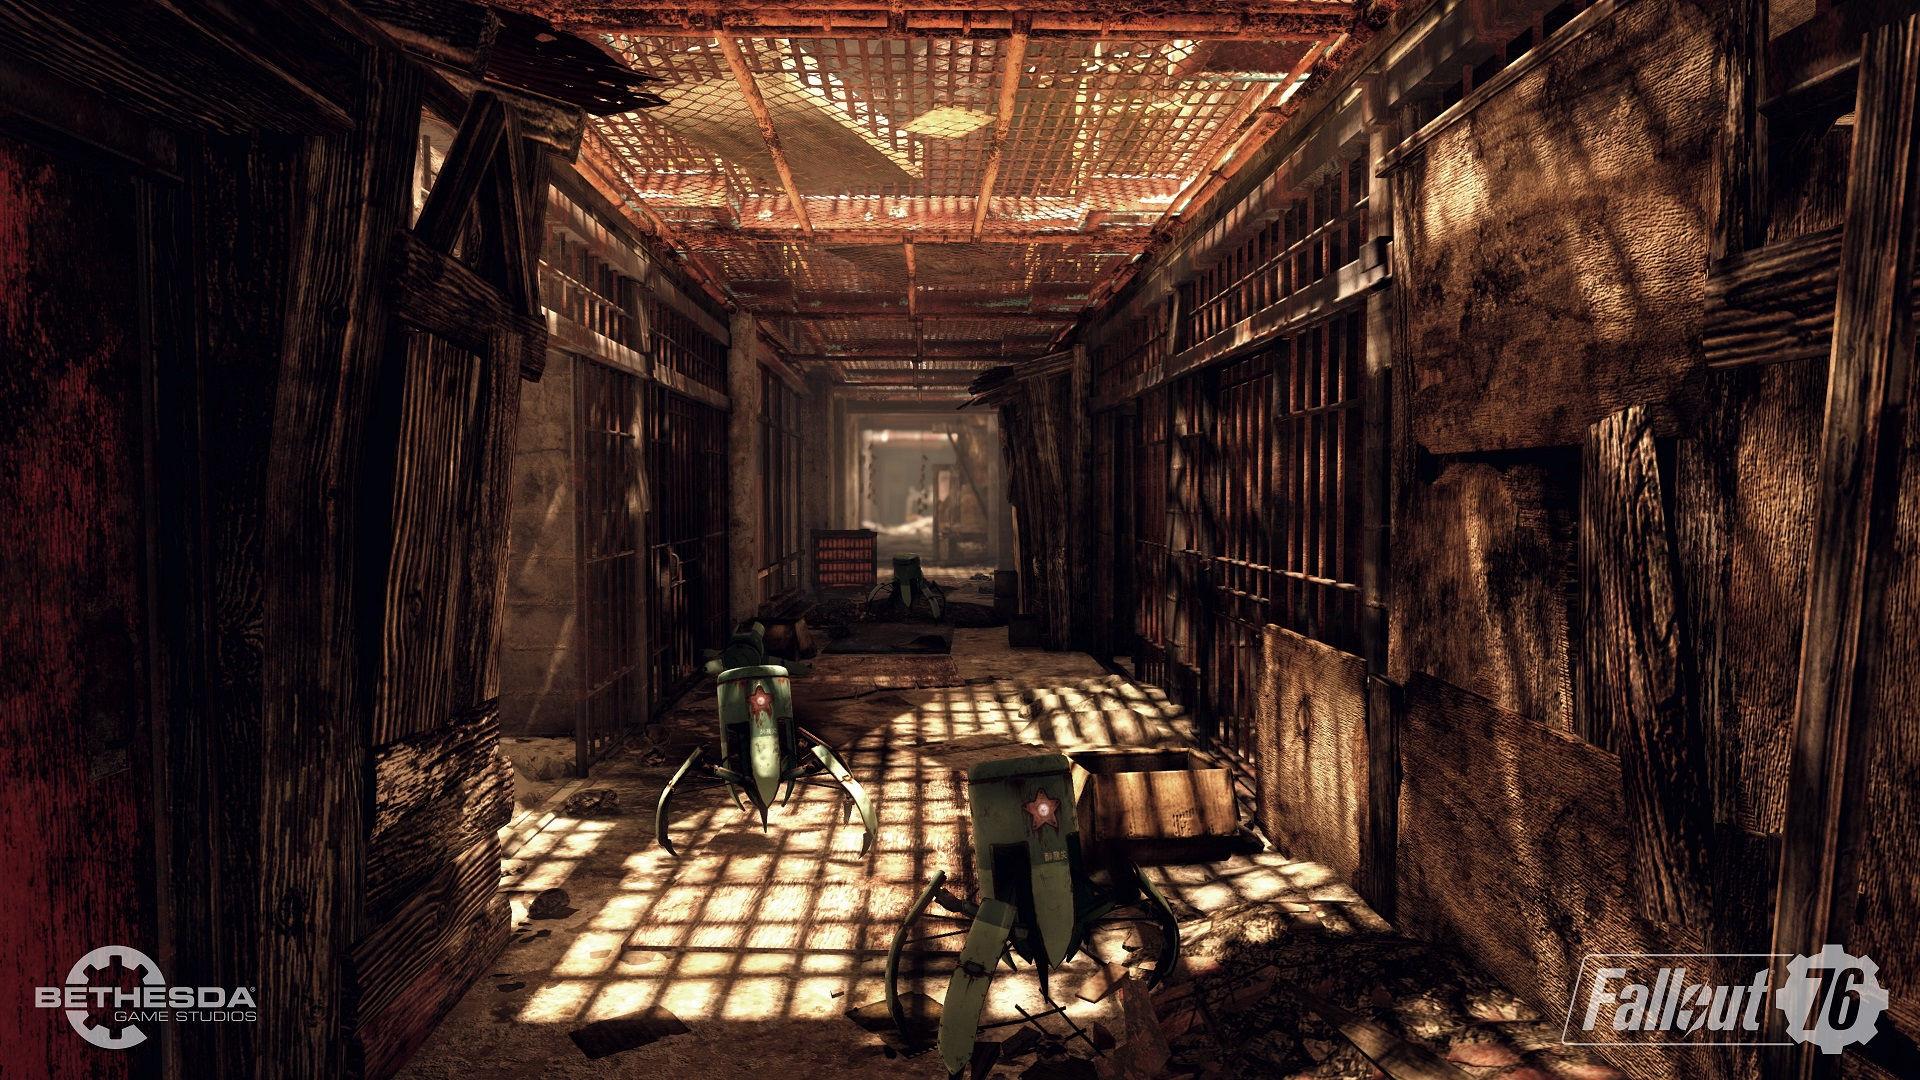 Fallout 76 Promo Screenshot